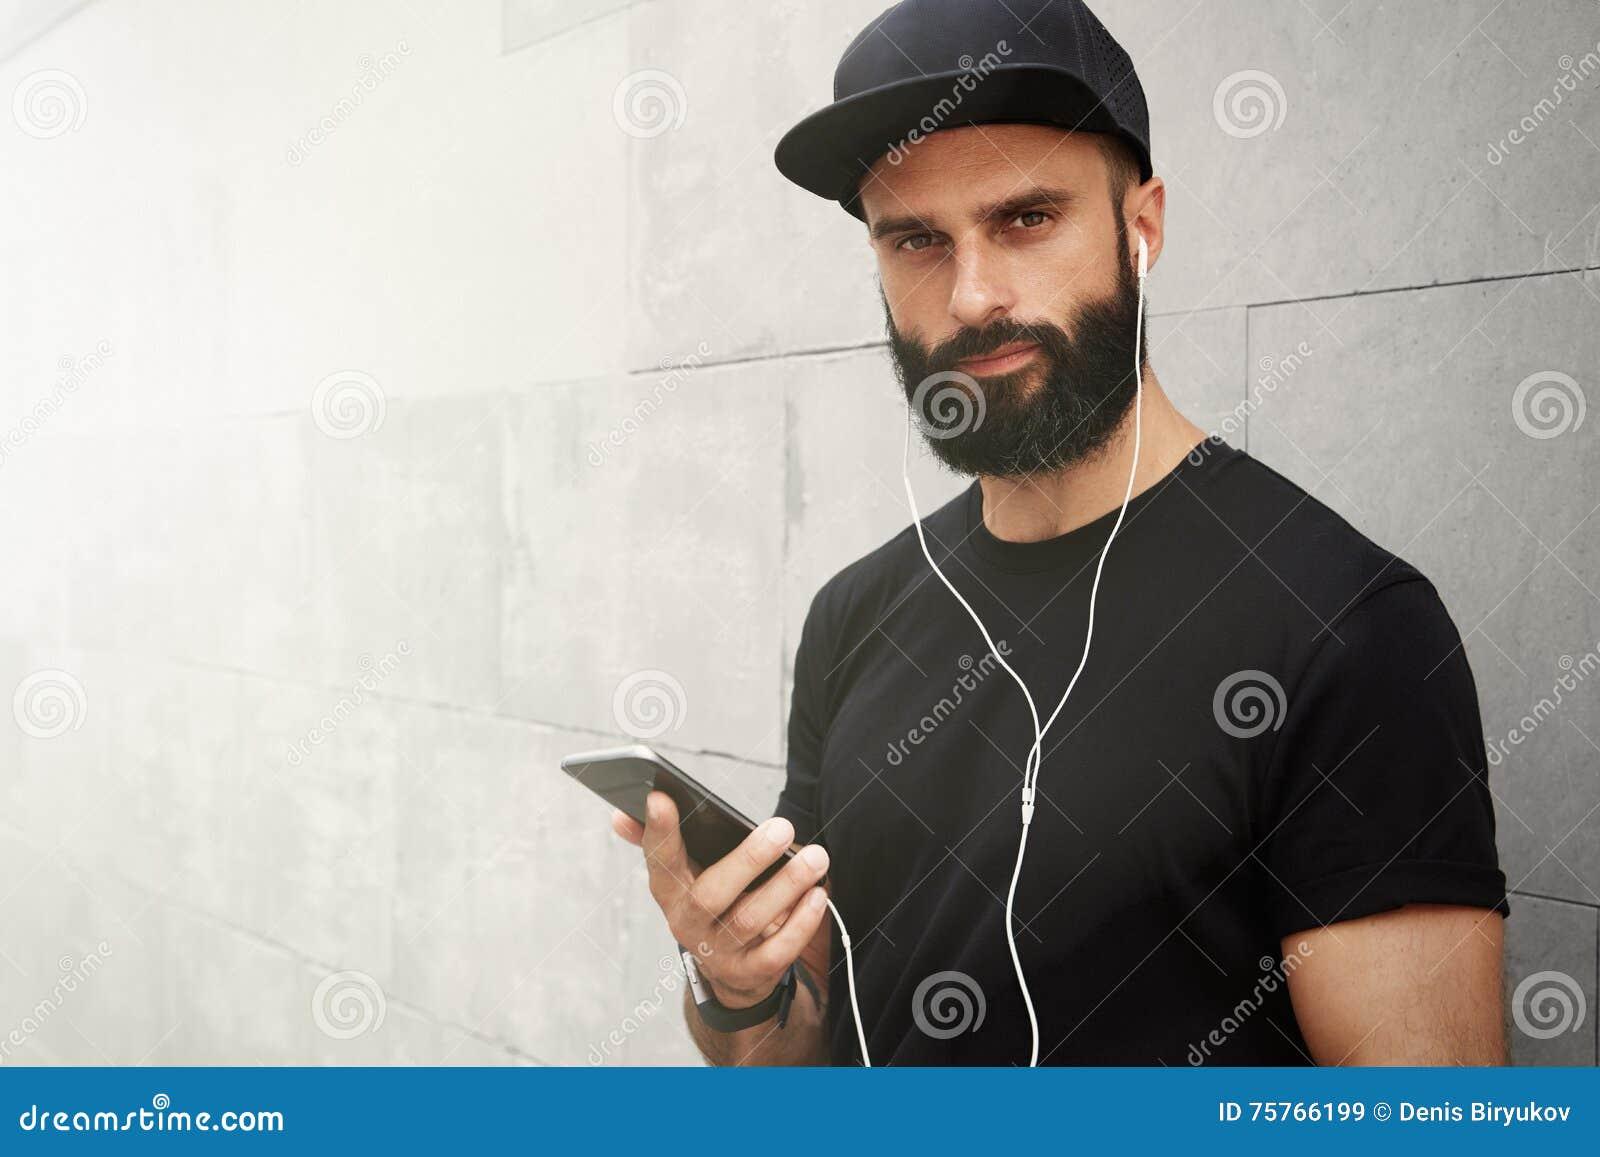 Γενειοφόρο μυϊκό άτομο που φορά το μαύρο θερινό χρόνο Snapback ΚΑΠ μπλουζών κενό Νεαροί άνδρες που χαμογελούν απέναντι από το κεν